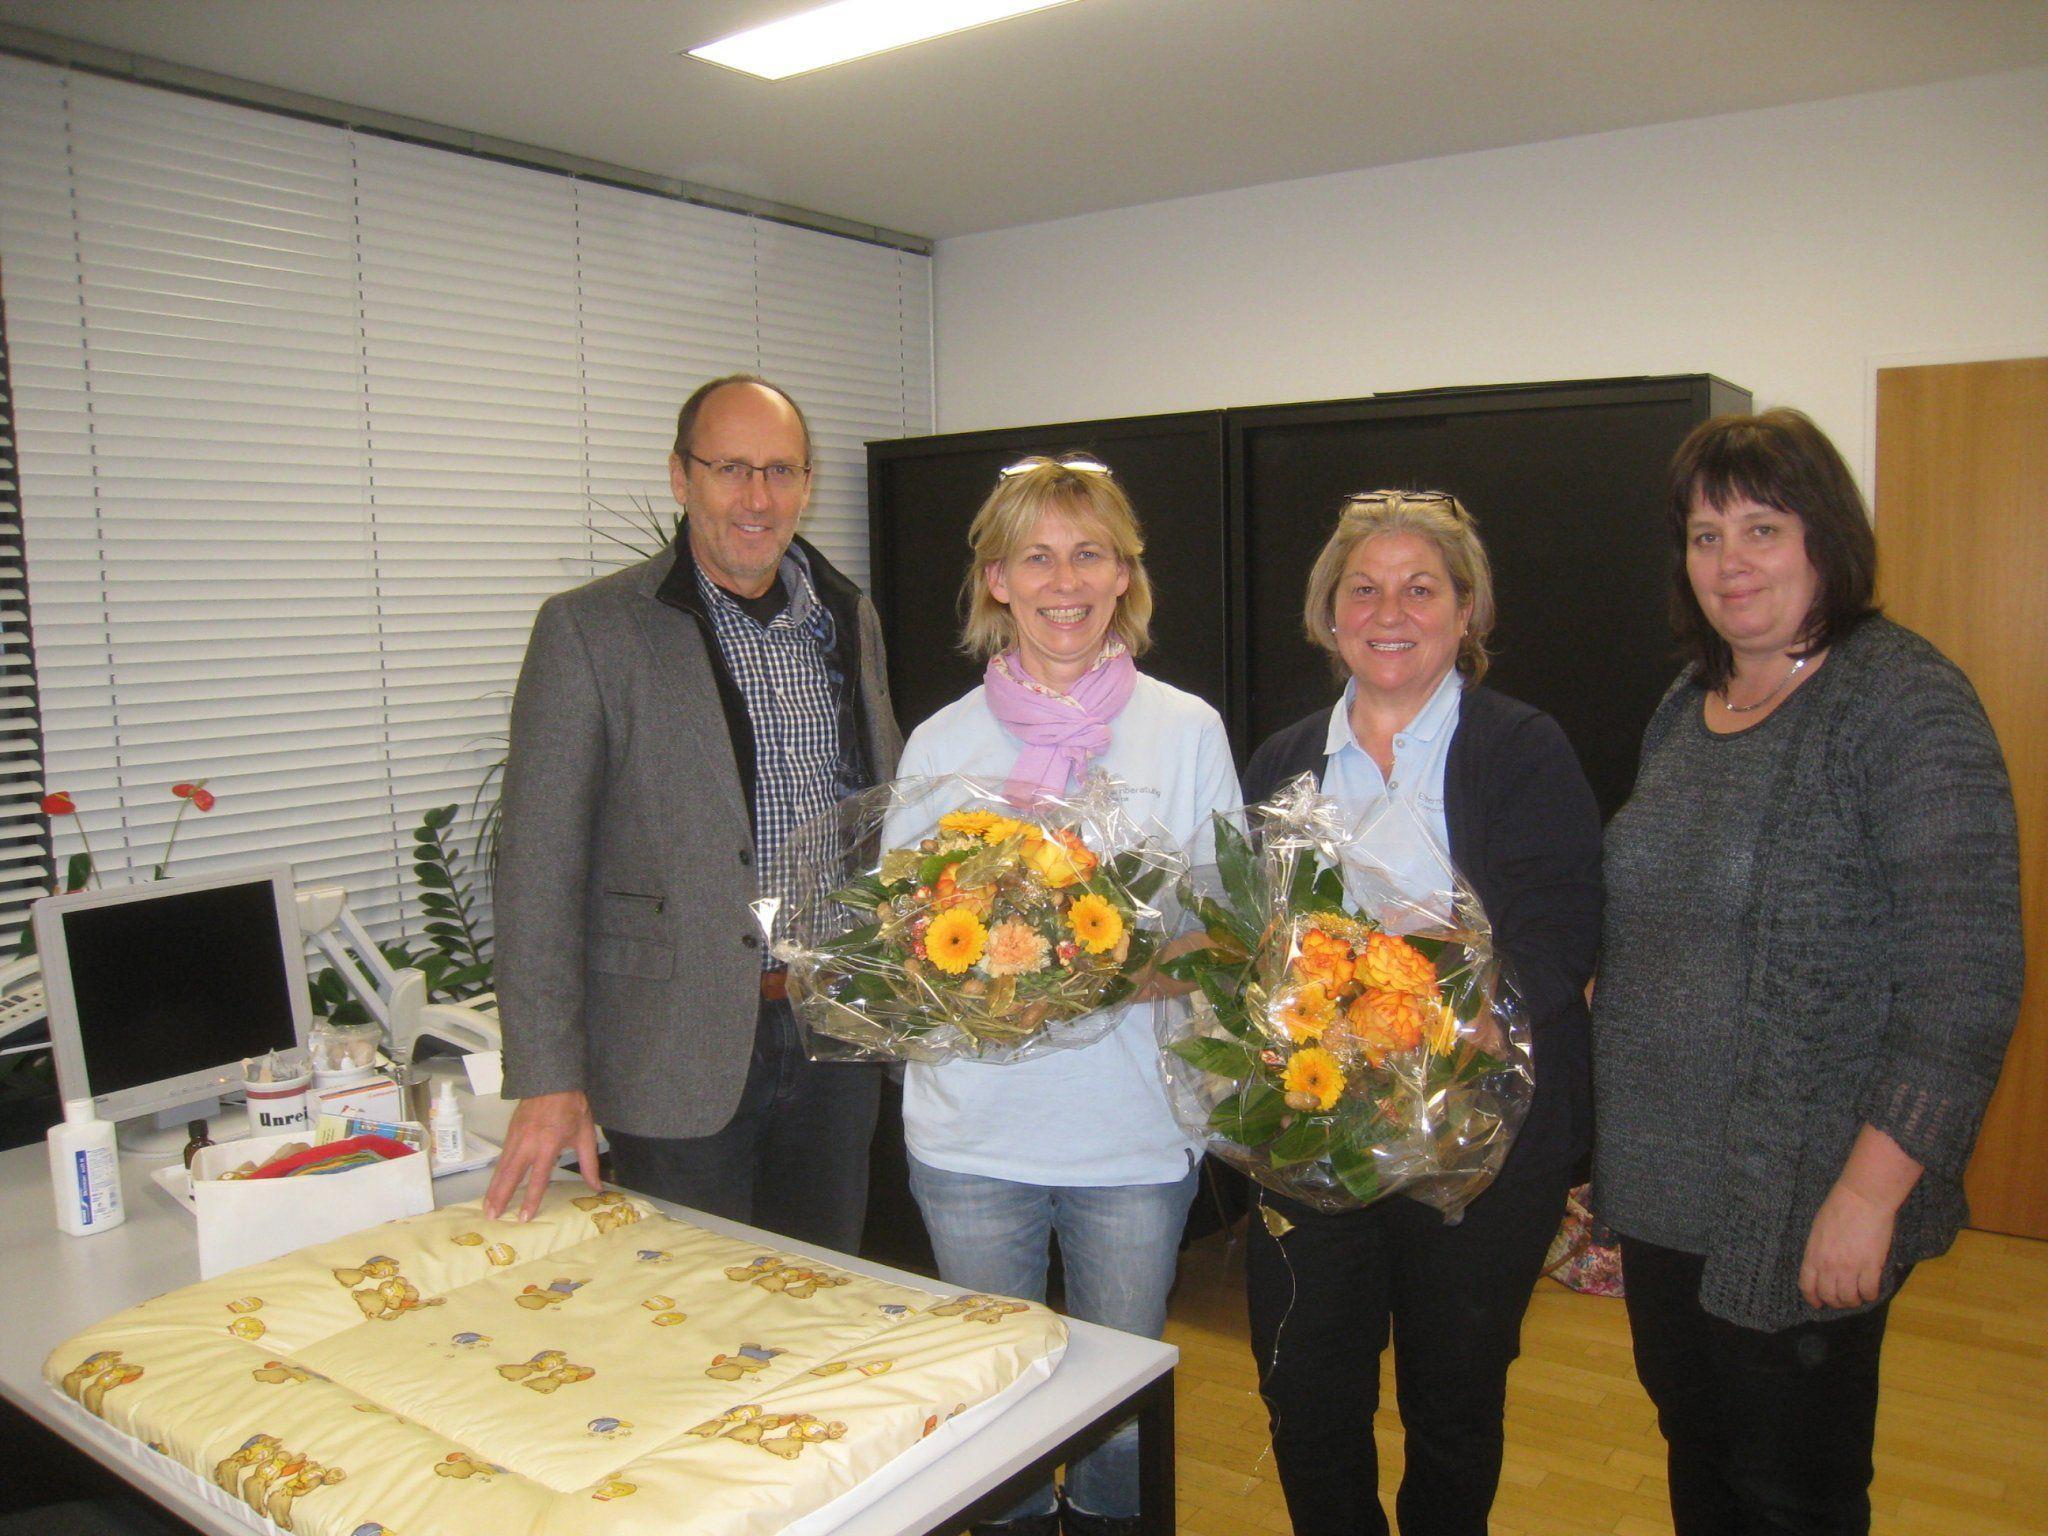 Bürgermeister Xaver Sinz, Margit Adam, Brigitte Neher und Ursula Schmid.